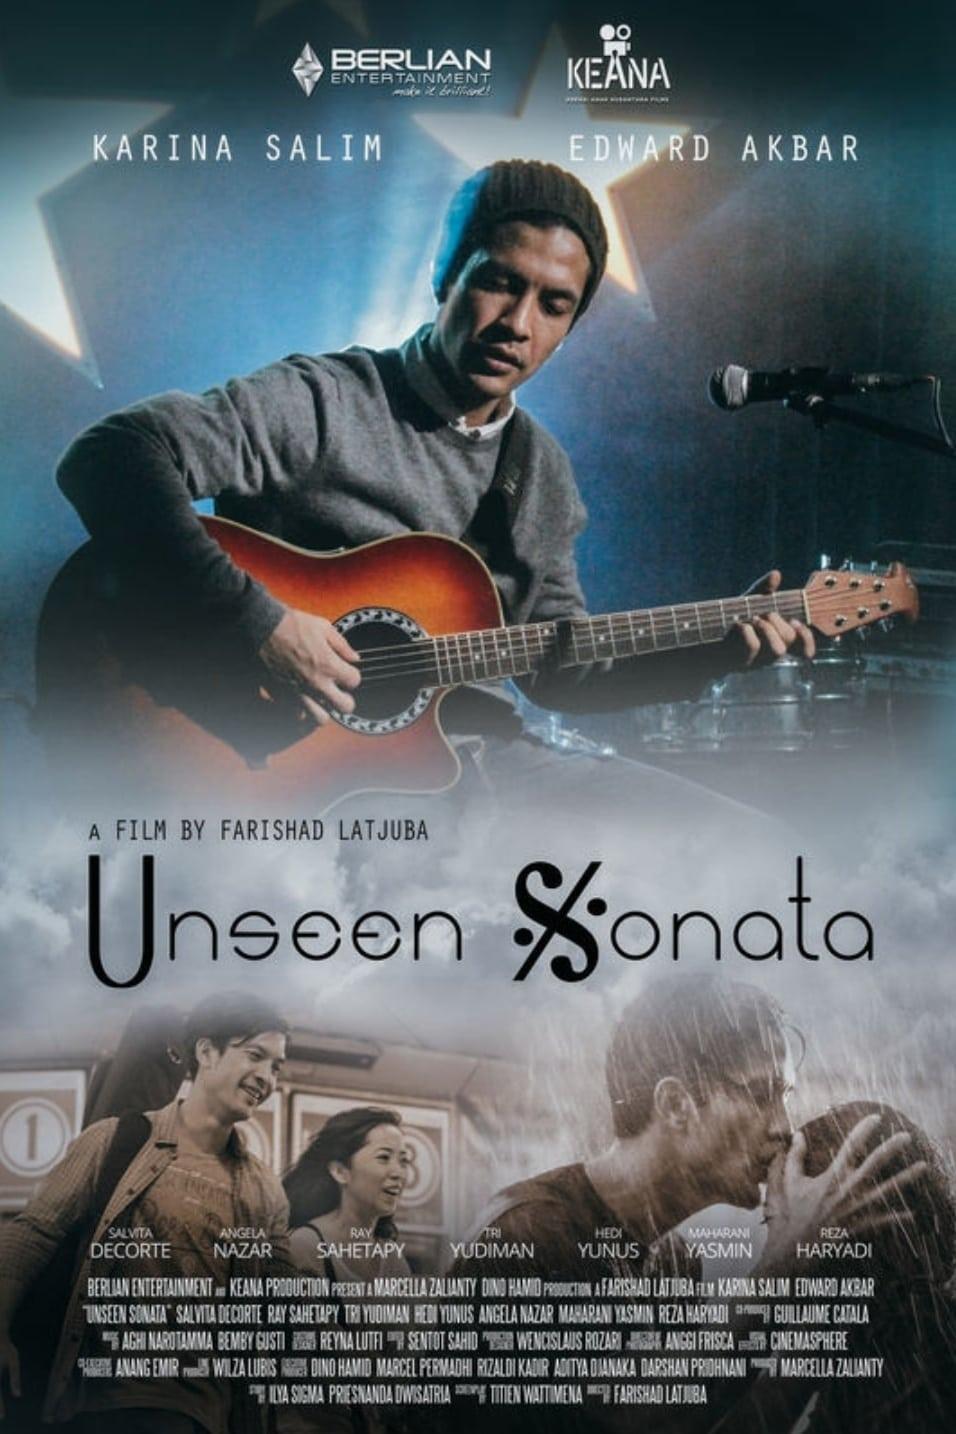 Unseen Sonata